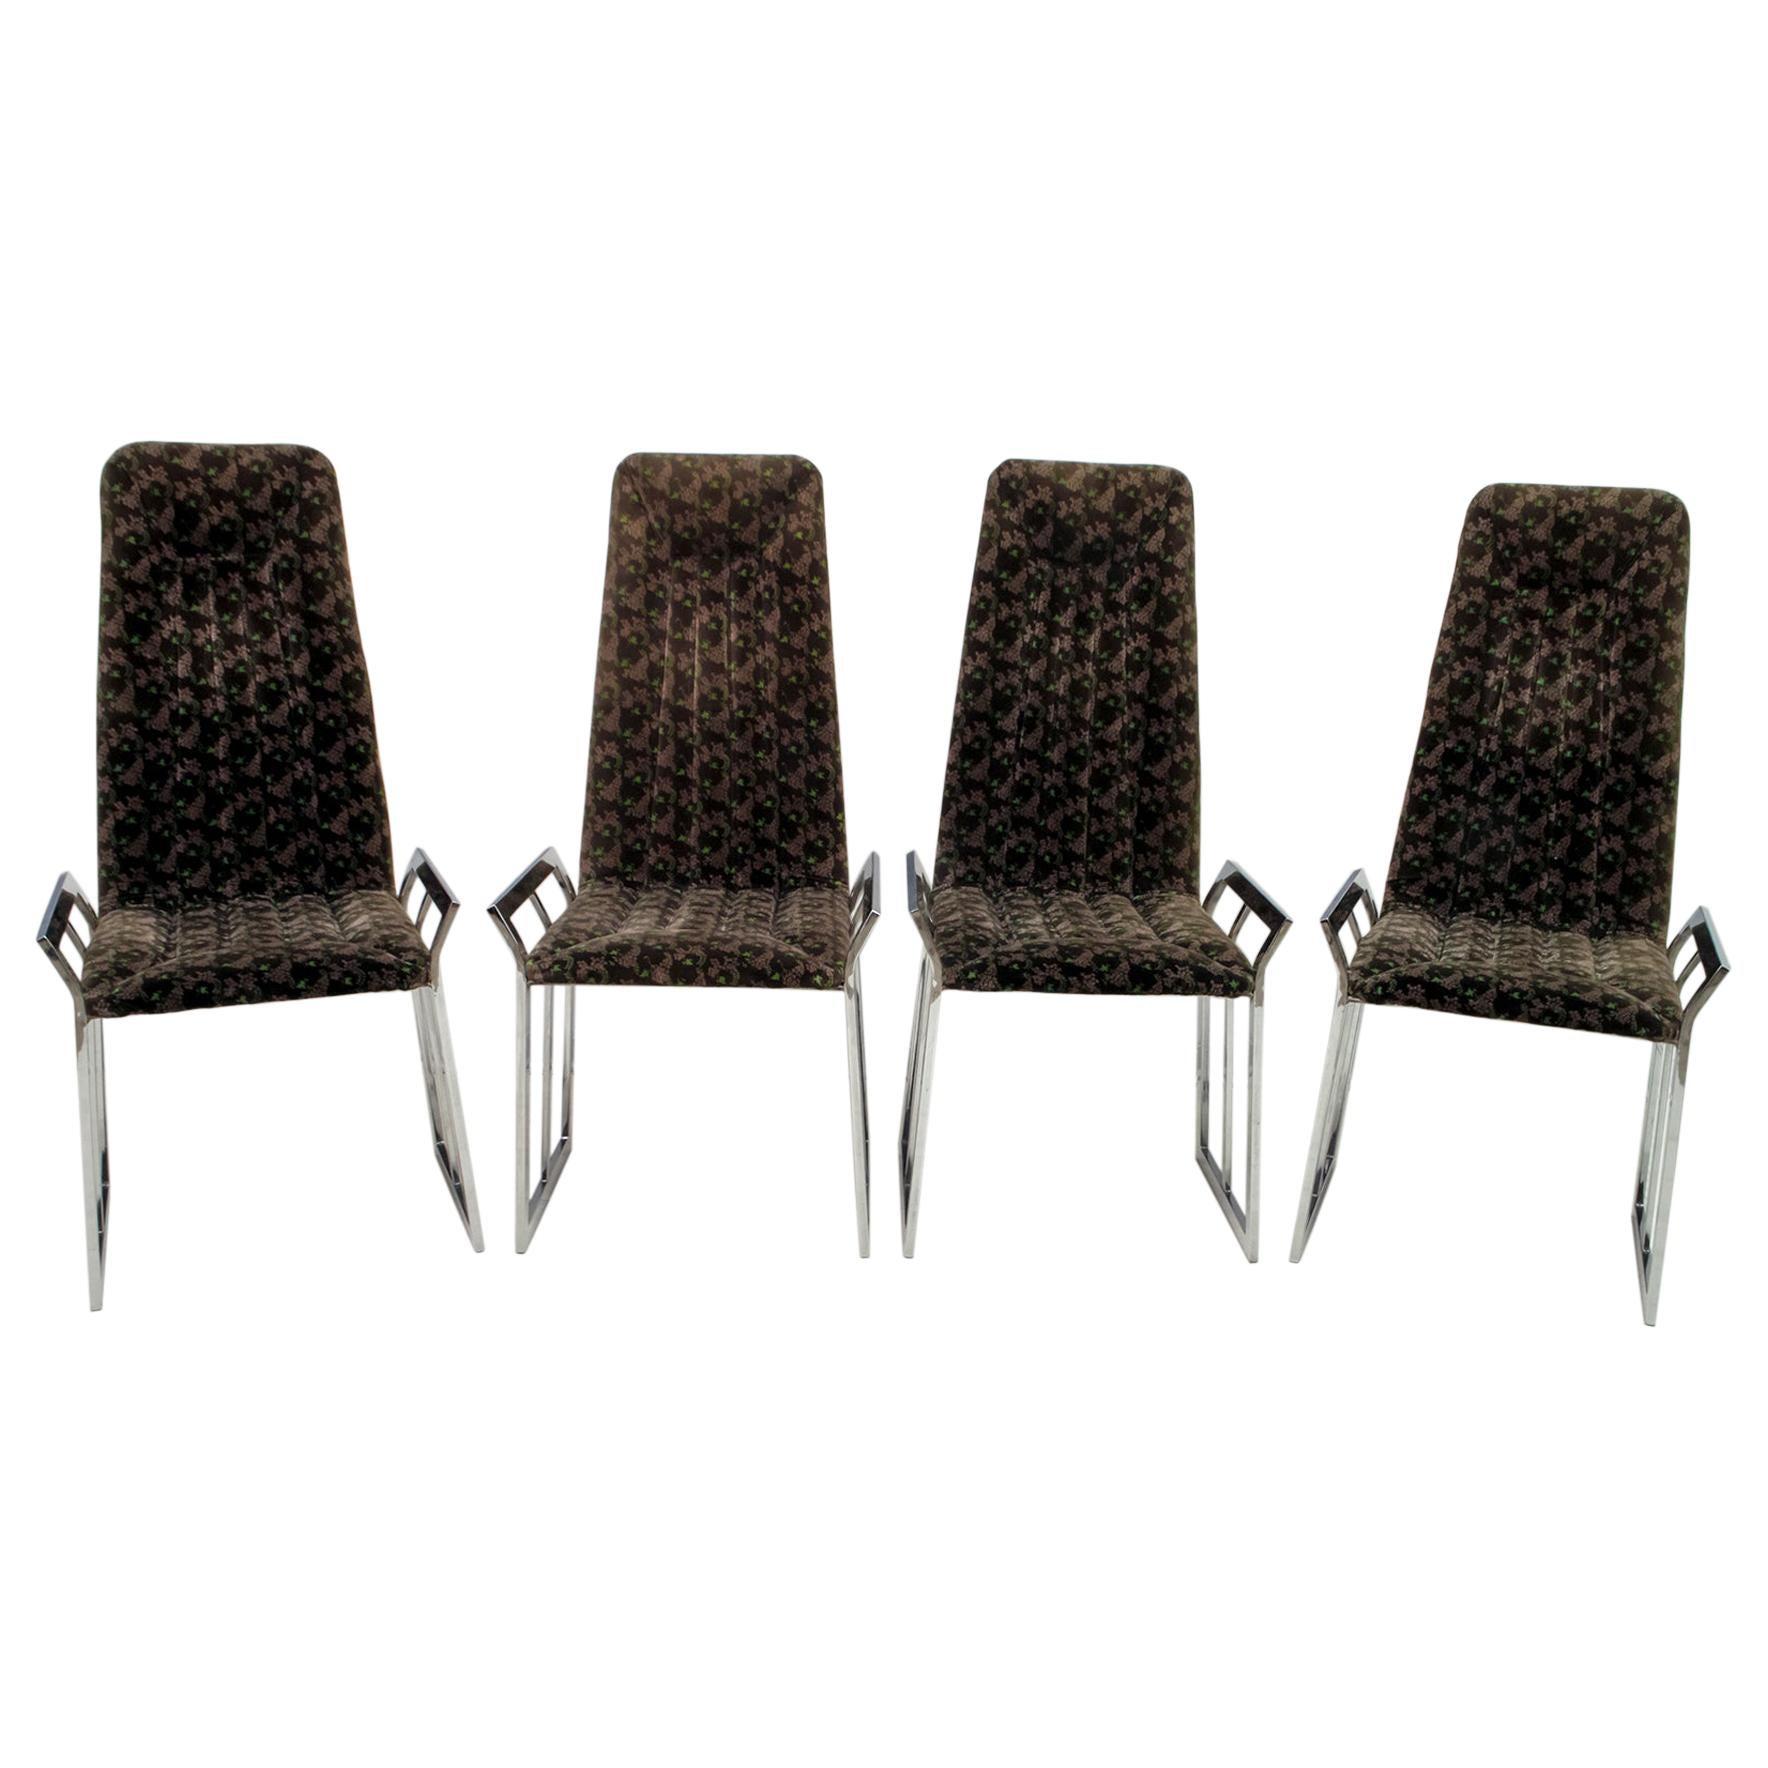 Set of 4 Mid-Century Modern Italian Chromed Steel and Velvet Dining Chairs 1970s